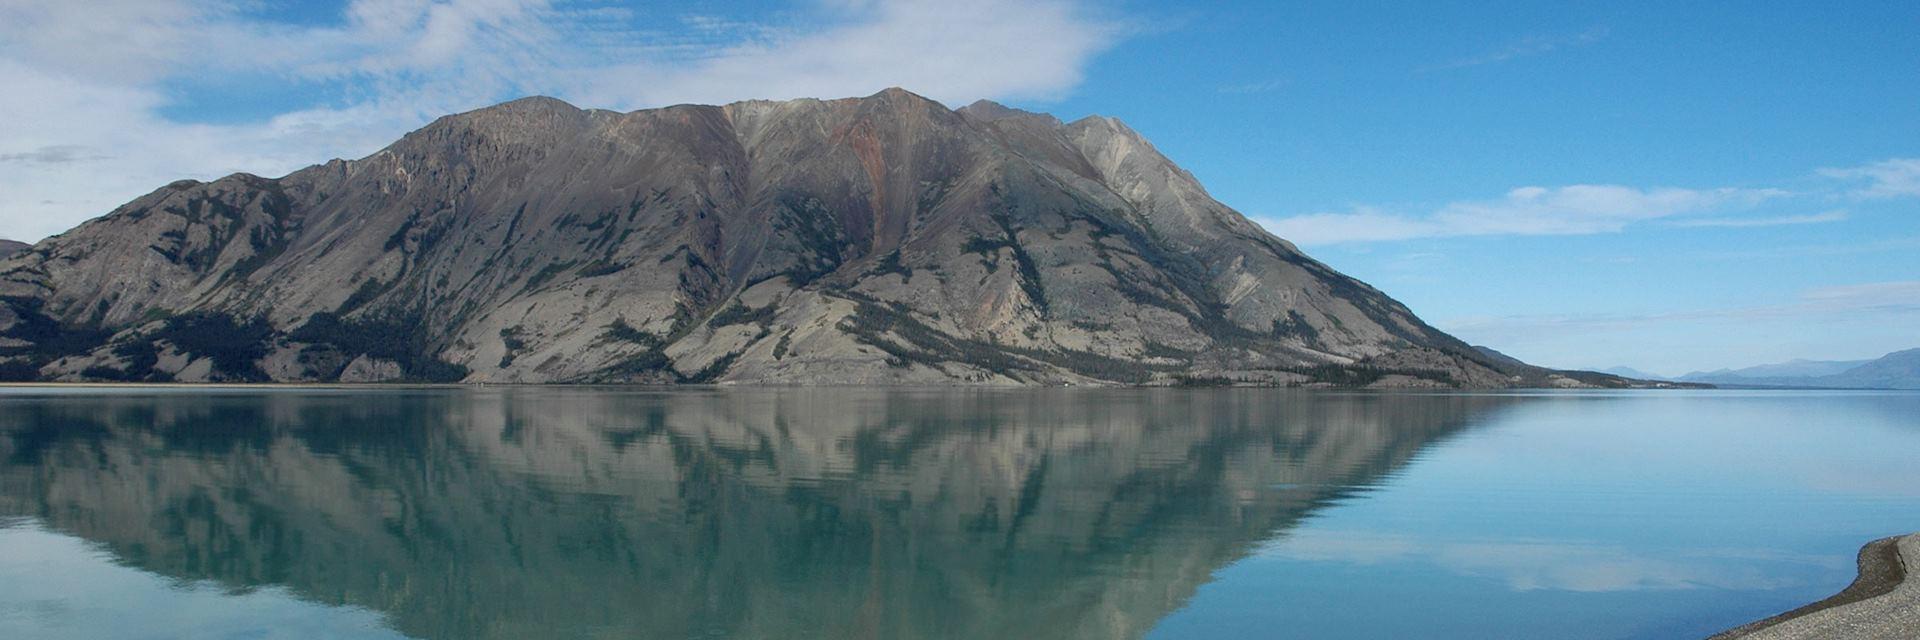 Kluane Lake, Kluane National Park